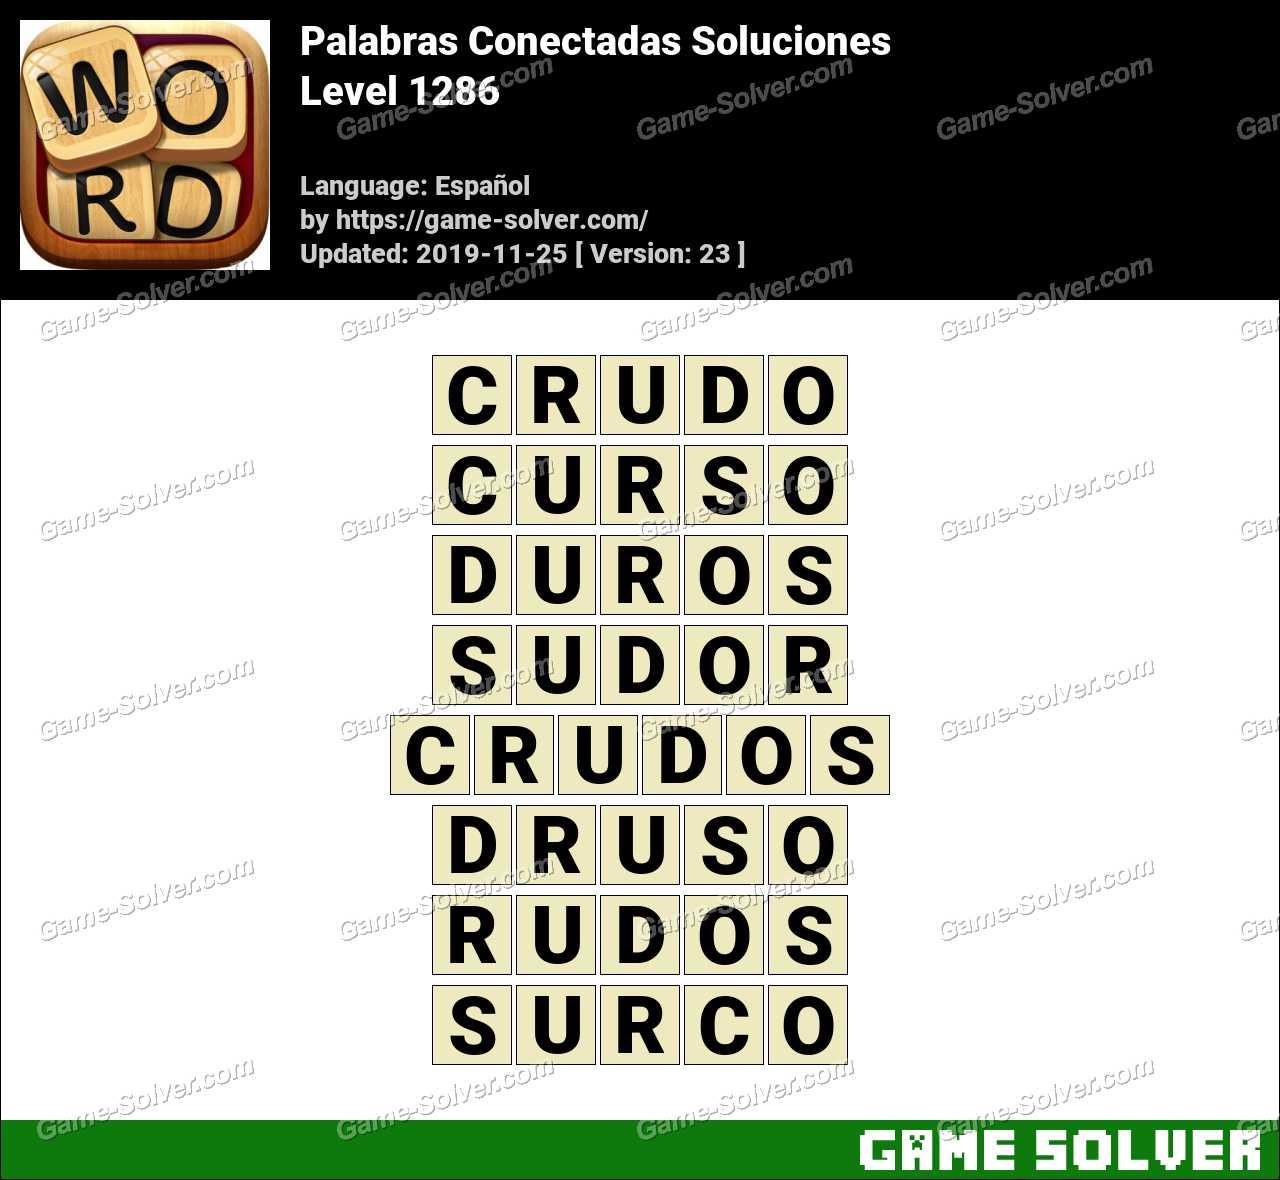 Palabras Conectadas Nivel 1286 Soluciones